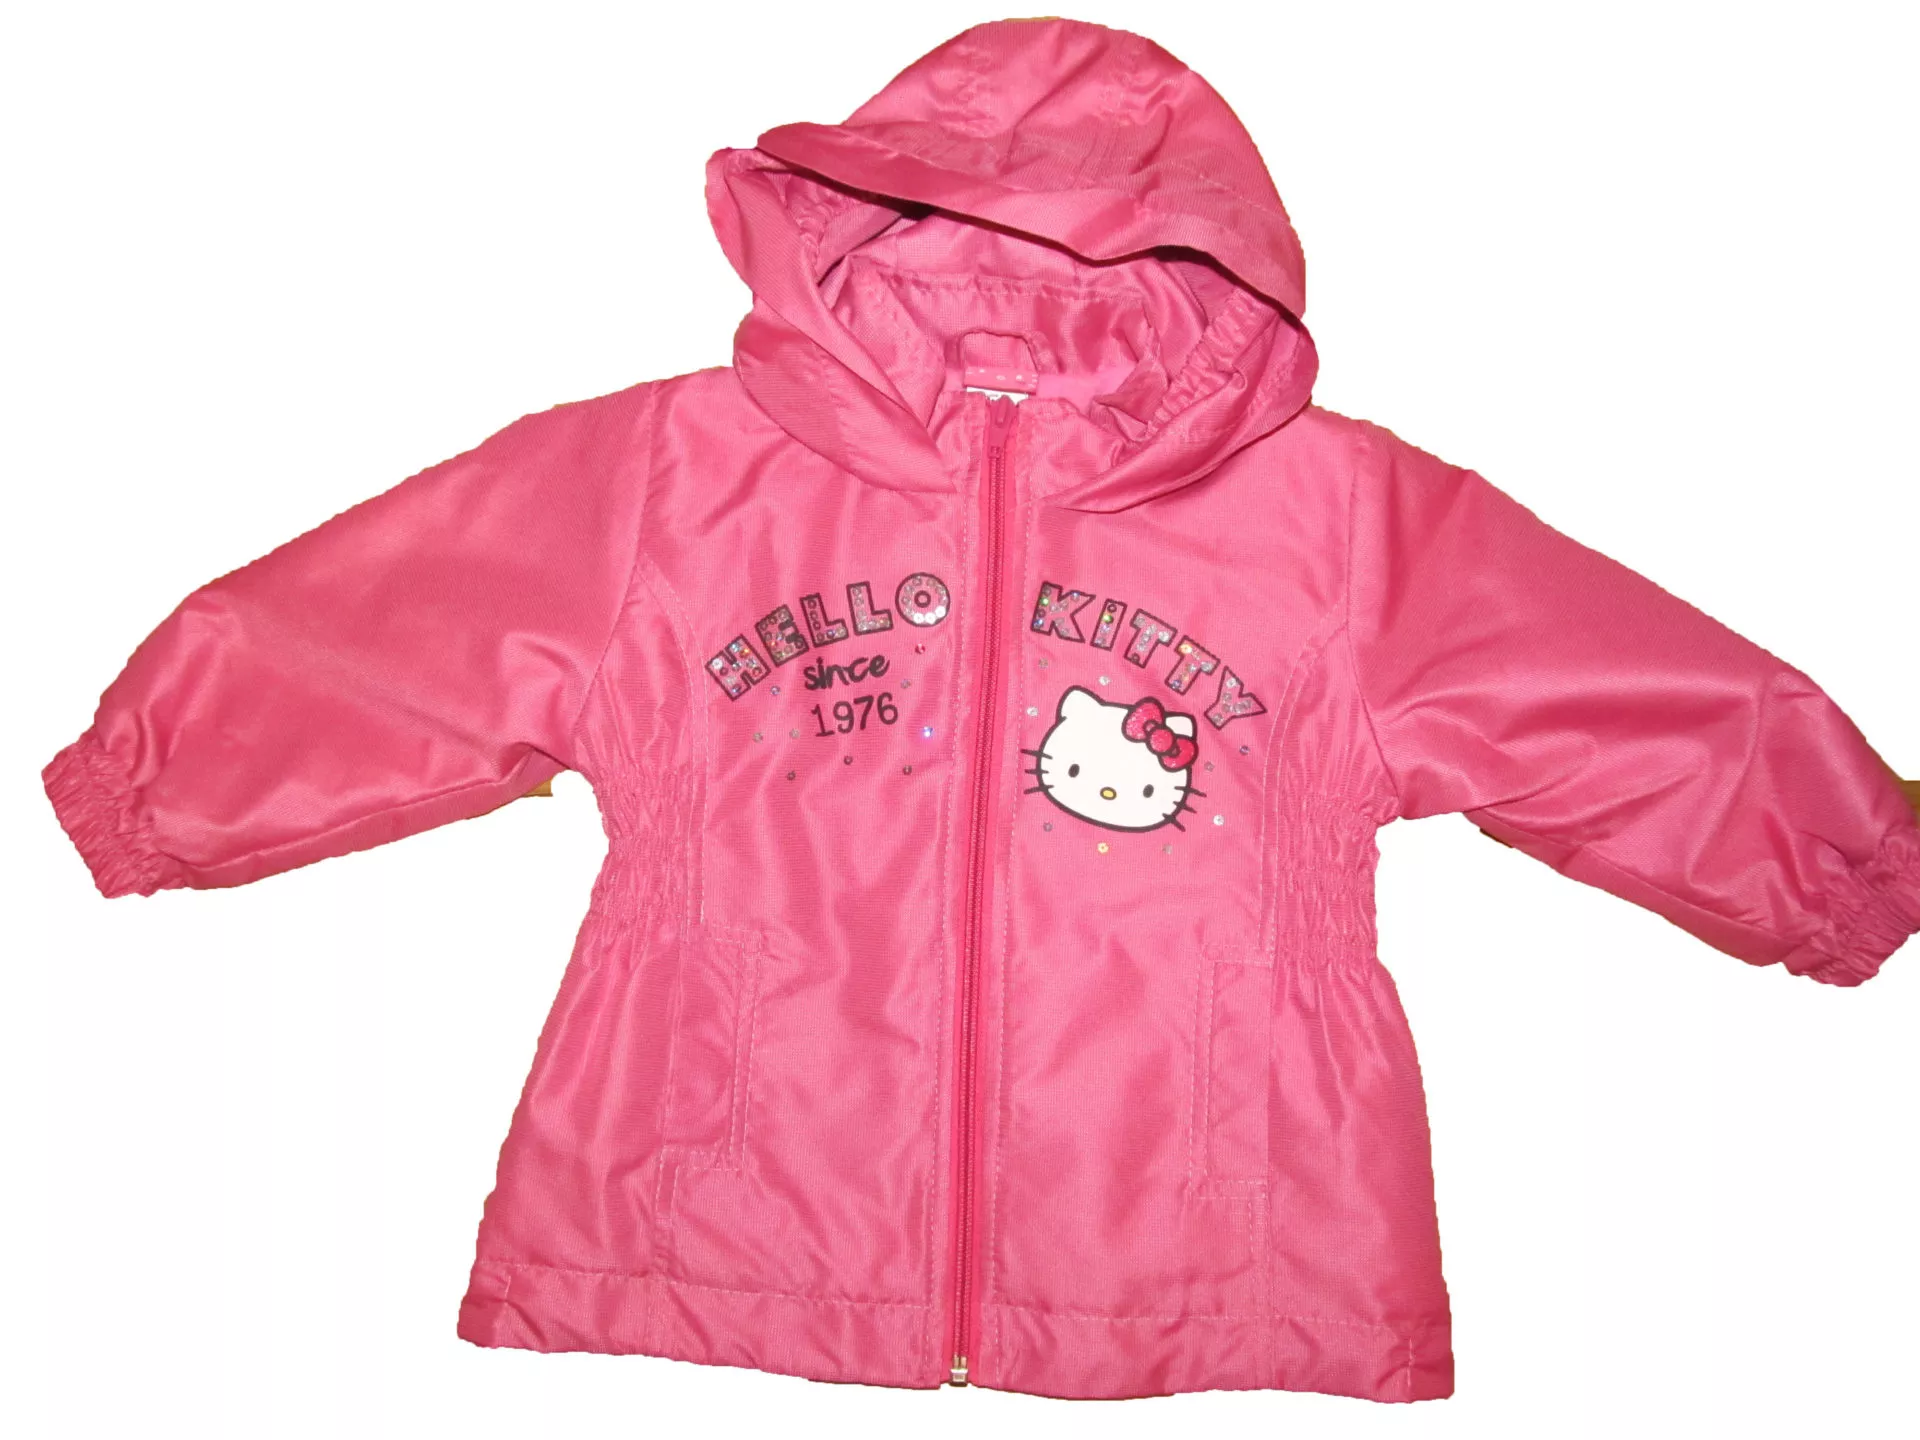 Vízlepergetős átmeneti kabát (Rózsaszín) - Brumi Maci Bababolt 3167f6aeff